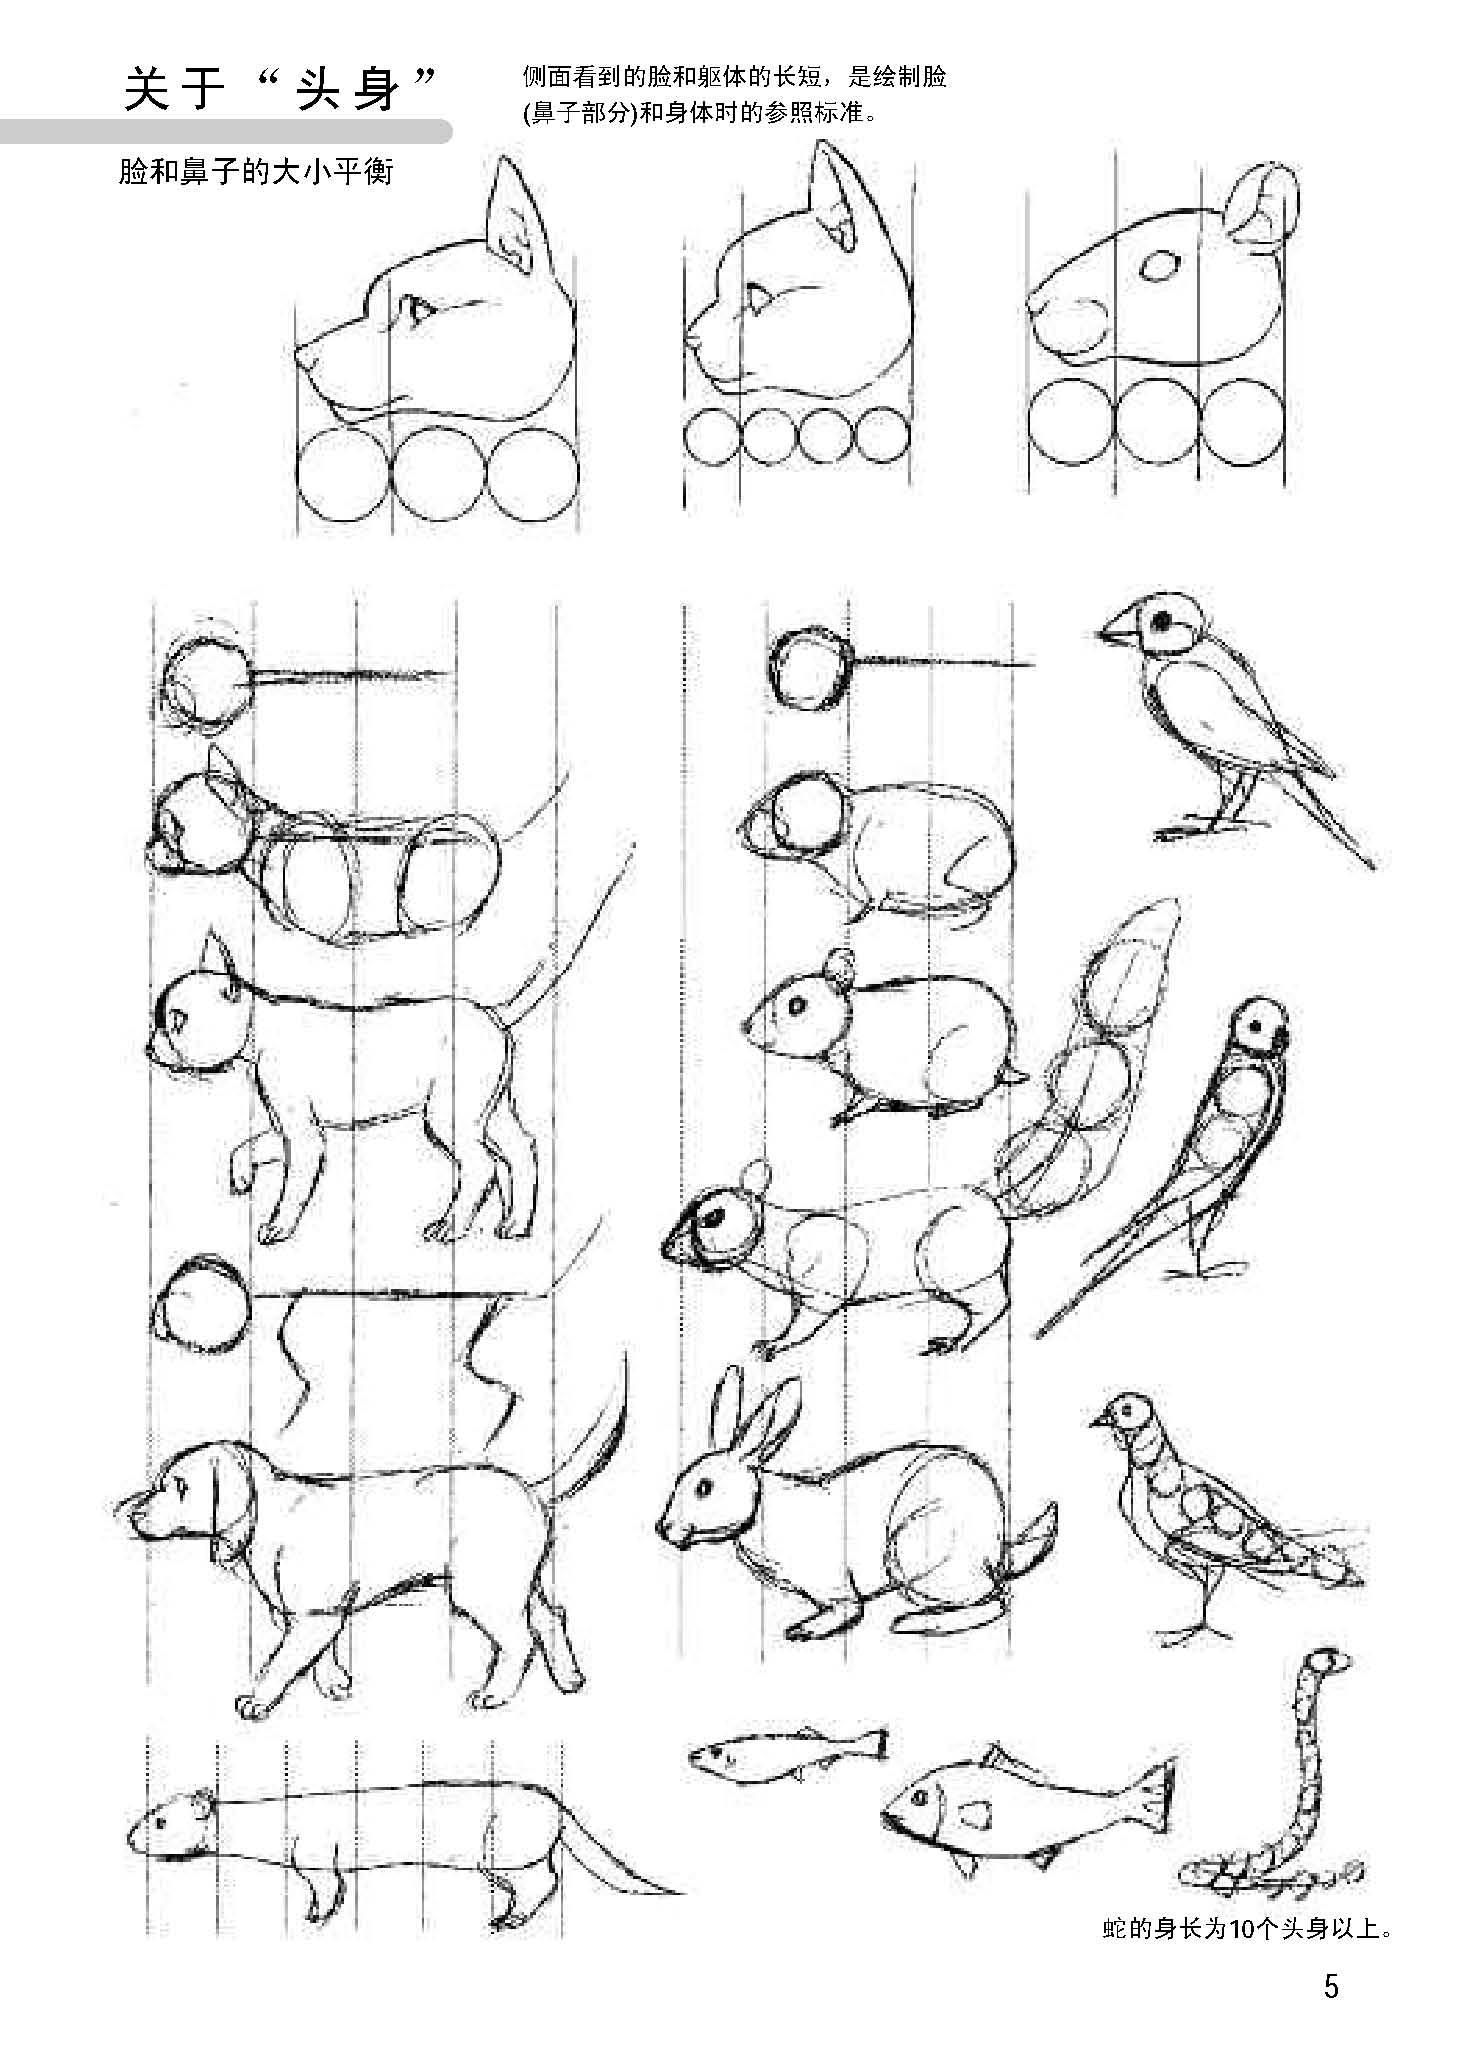 零基础学画漫画素描技法动漫手绘书技法美术书入门铅笔素描动物手绘